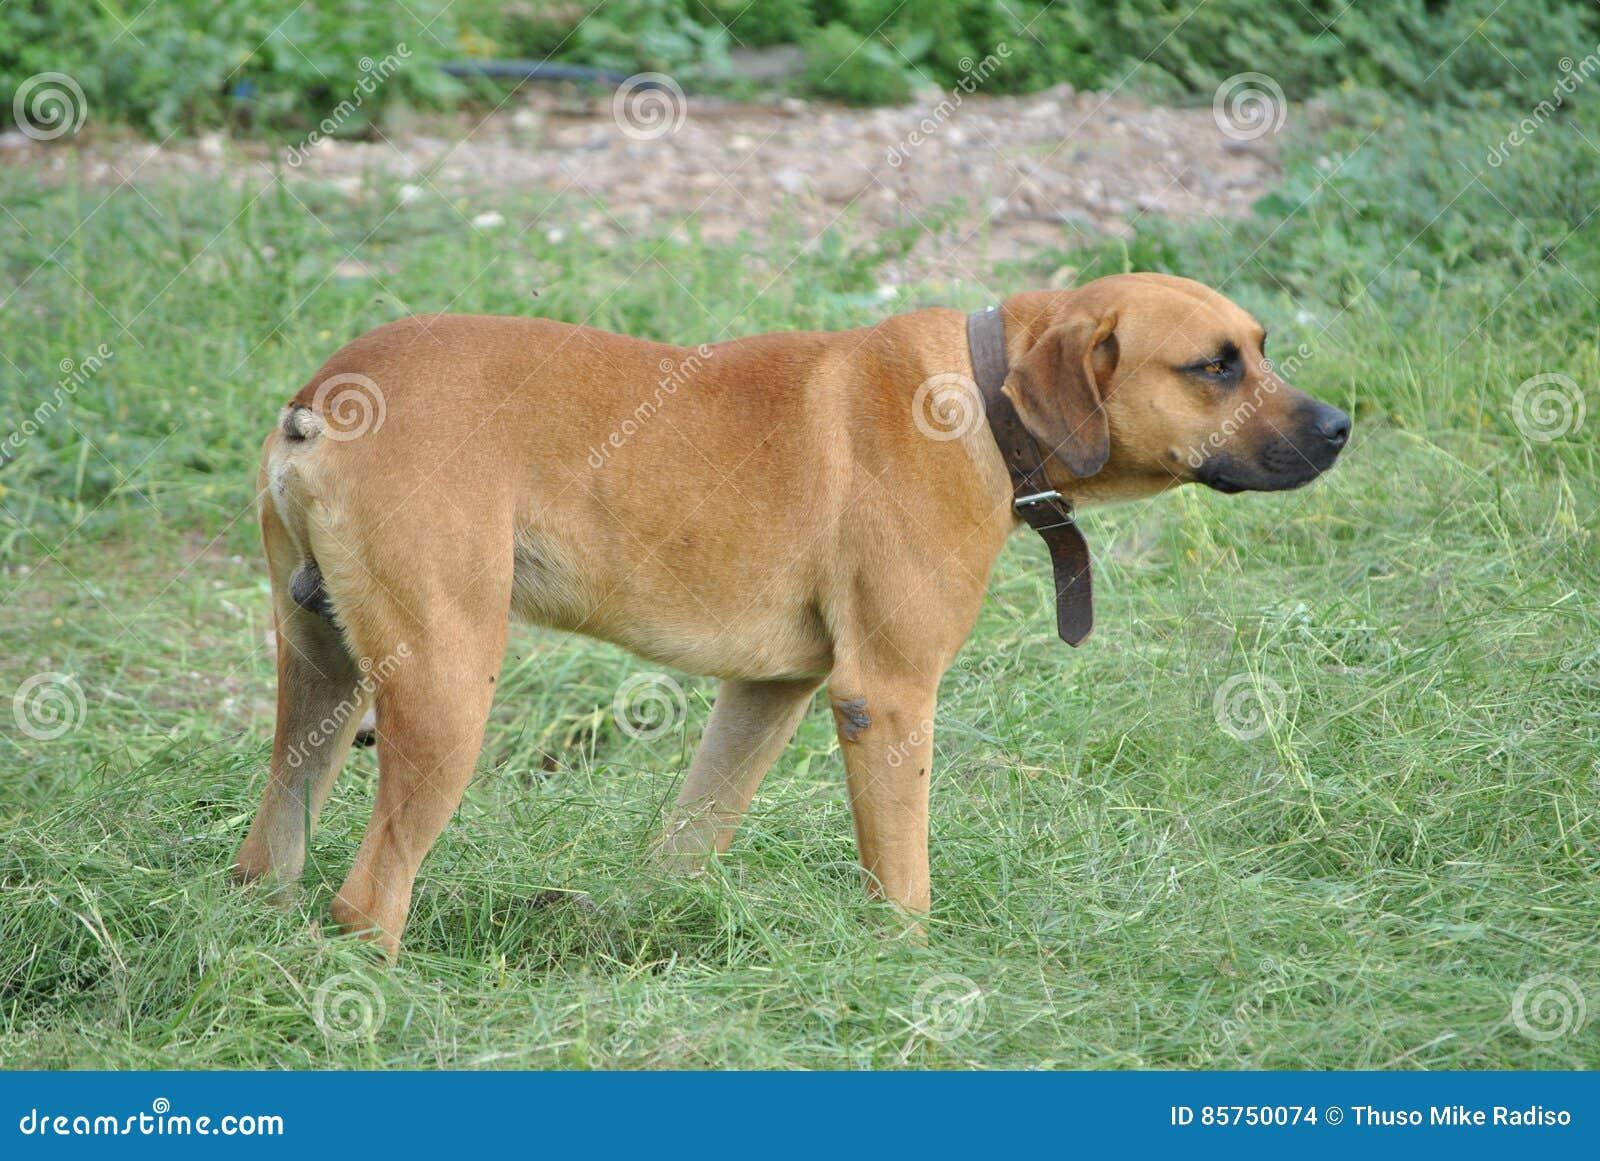 Σκυλί με ένα περιλαίμιο